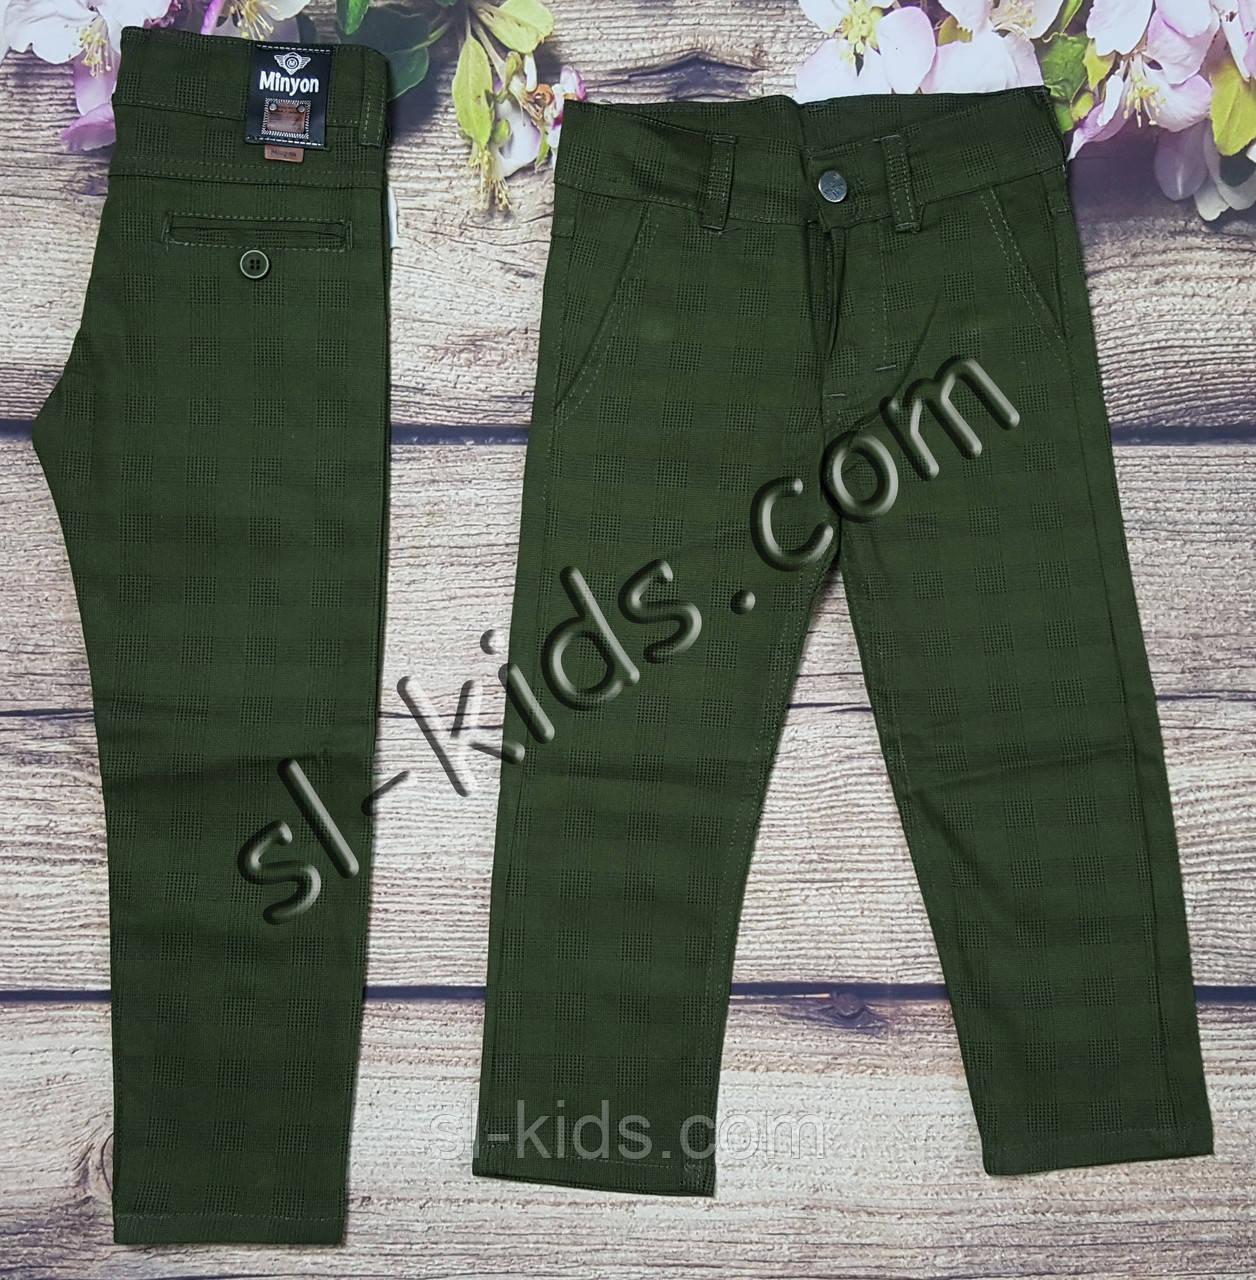 Яркие штаны,джинсы в клетку для мальчика 8-12 лет(хаки) опт пр.Турция